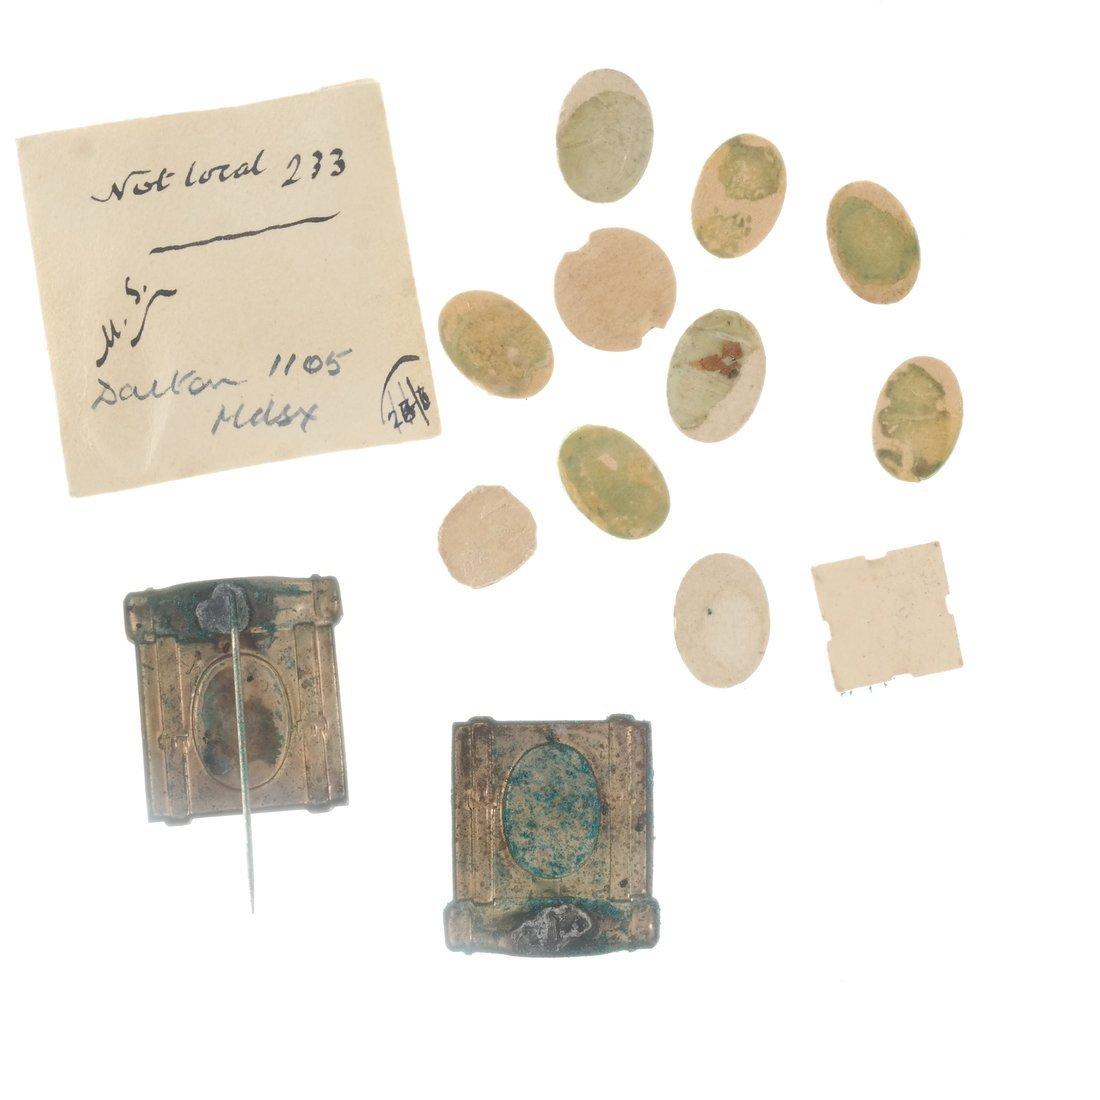 Miscellaneous 1892 Albumen Prints & Badges - 2